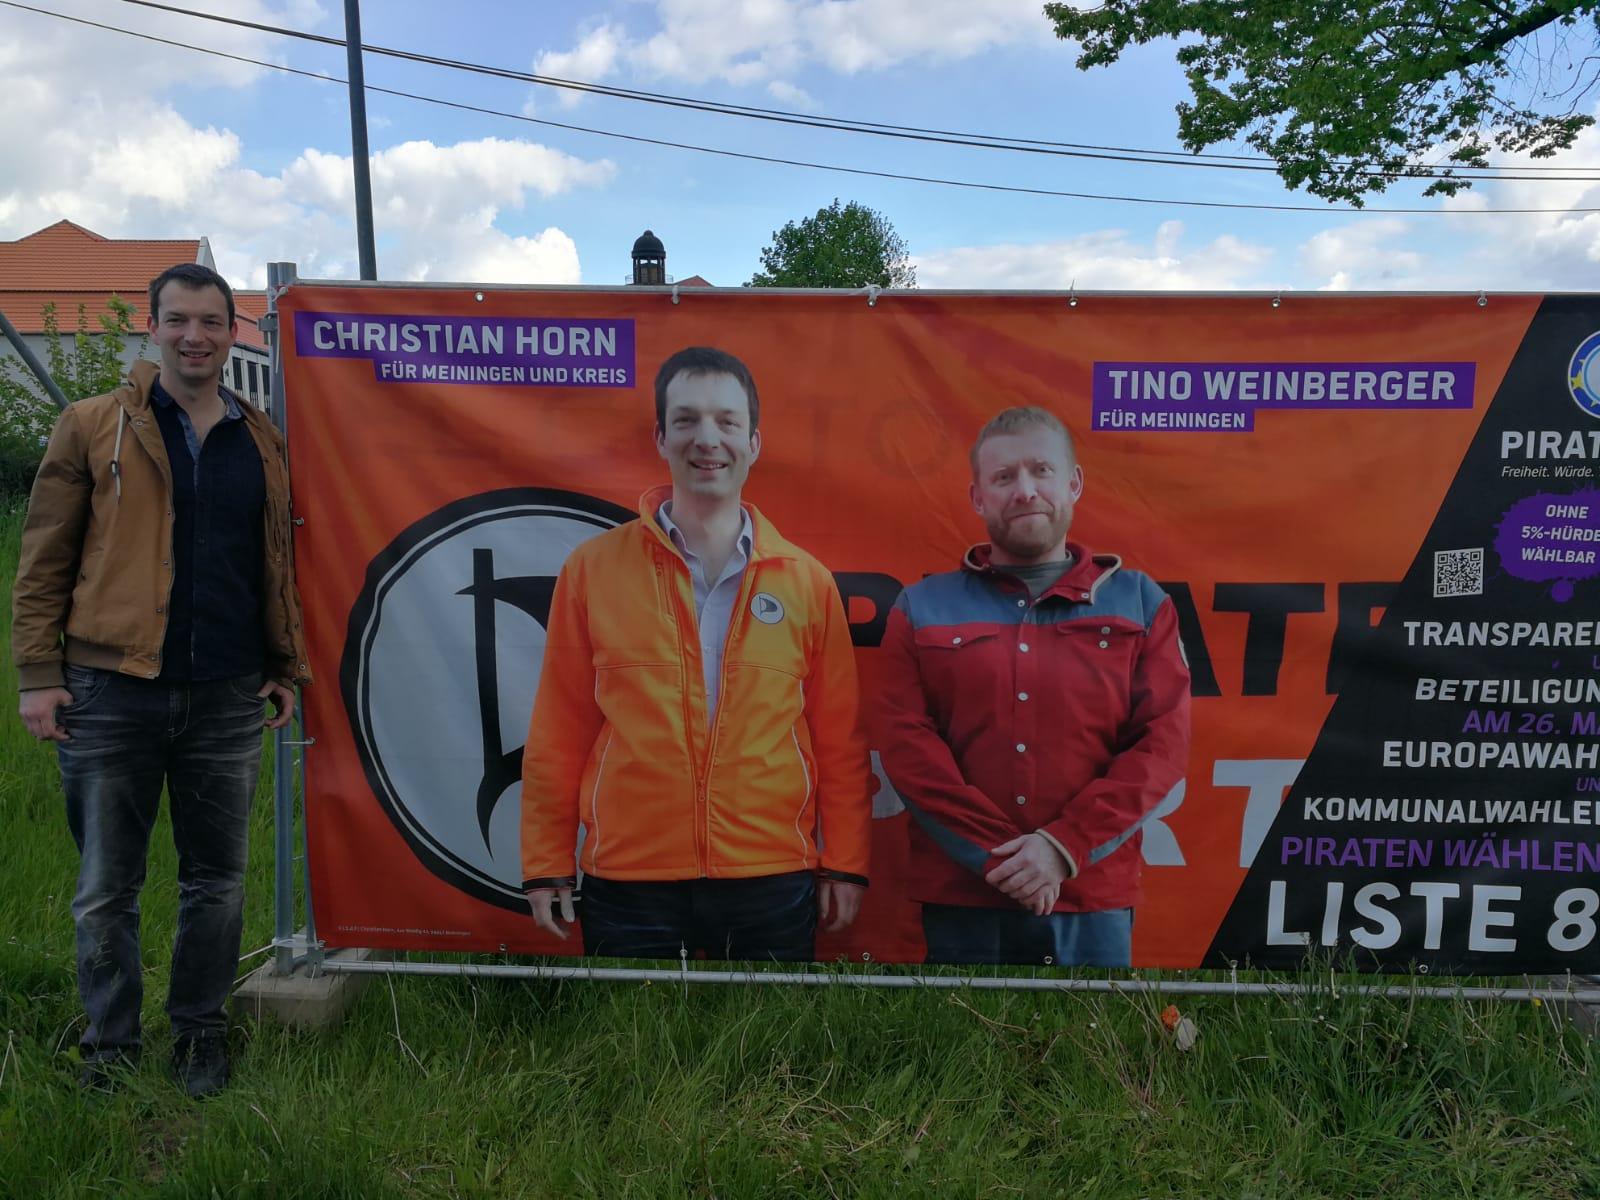 Christian Horn und Tino Weinberger auf dem Banner zur Kommunalwahl